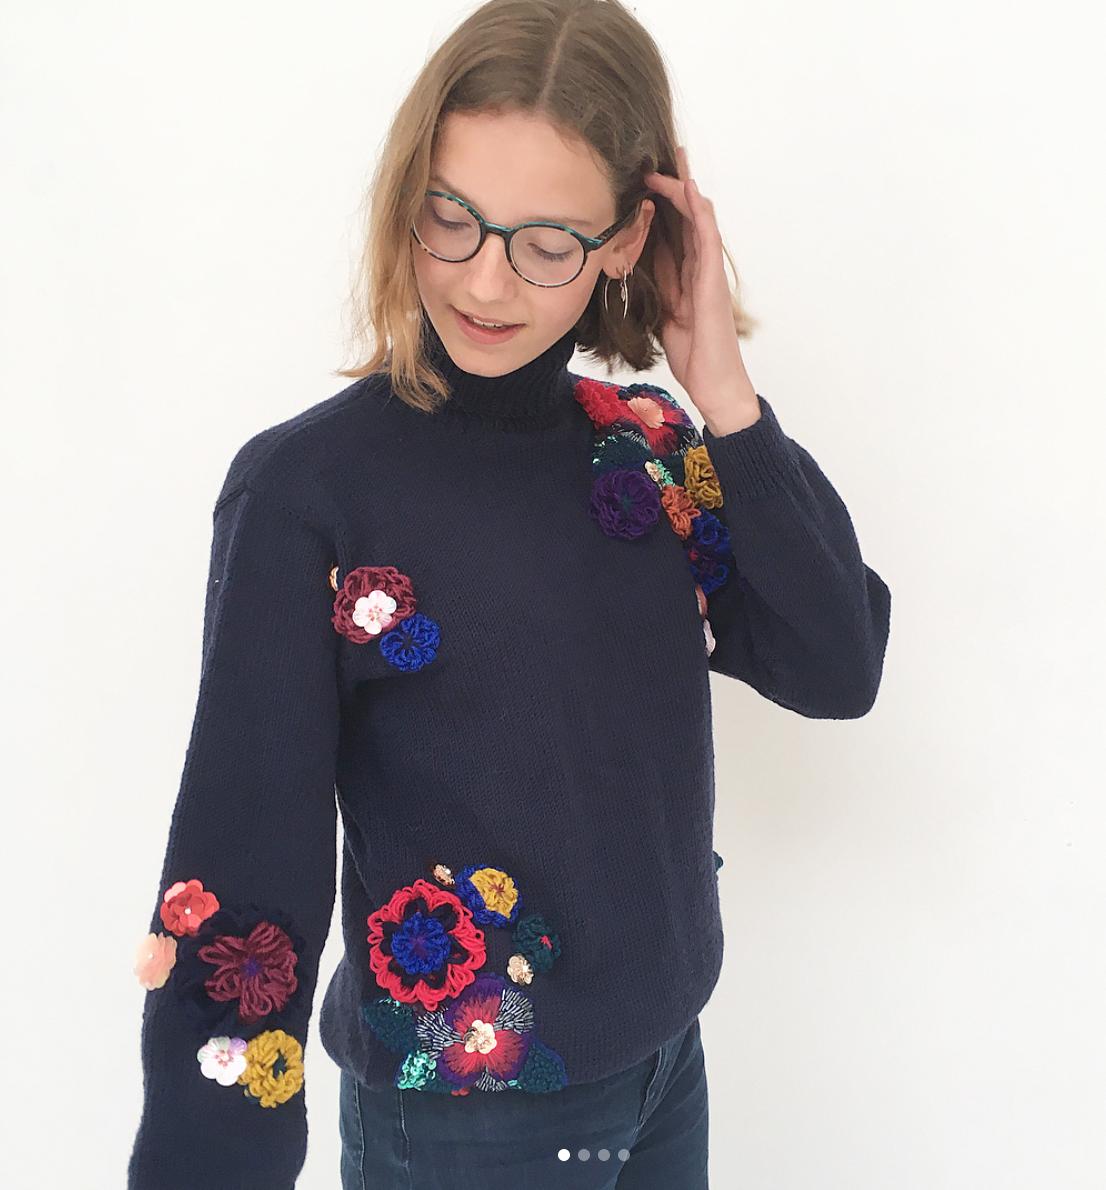 borduurwerk op tricot